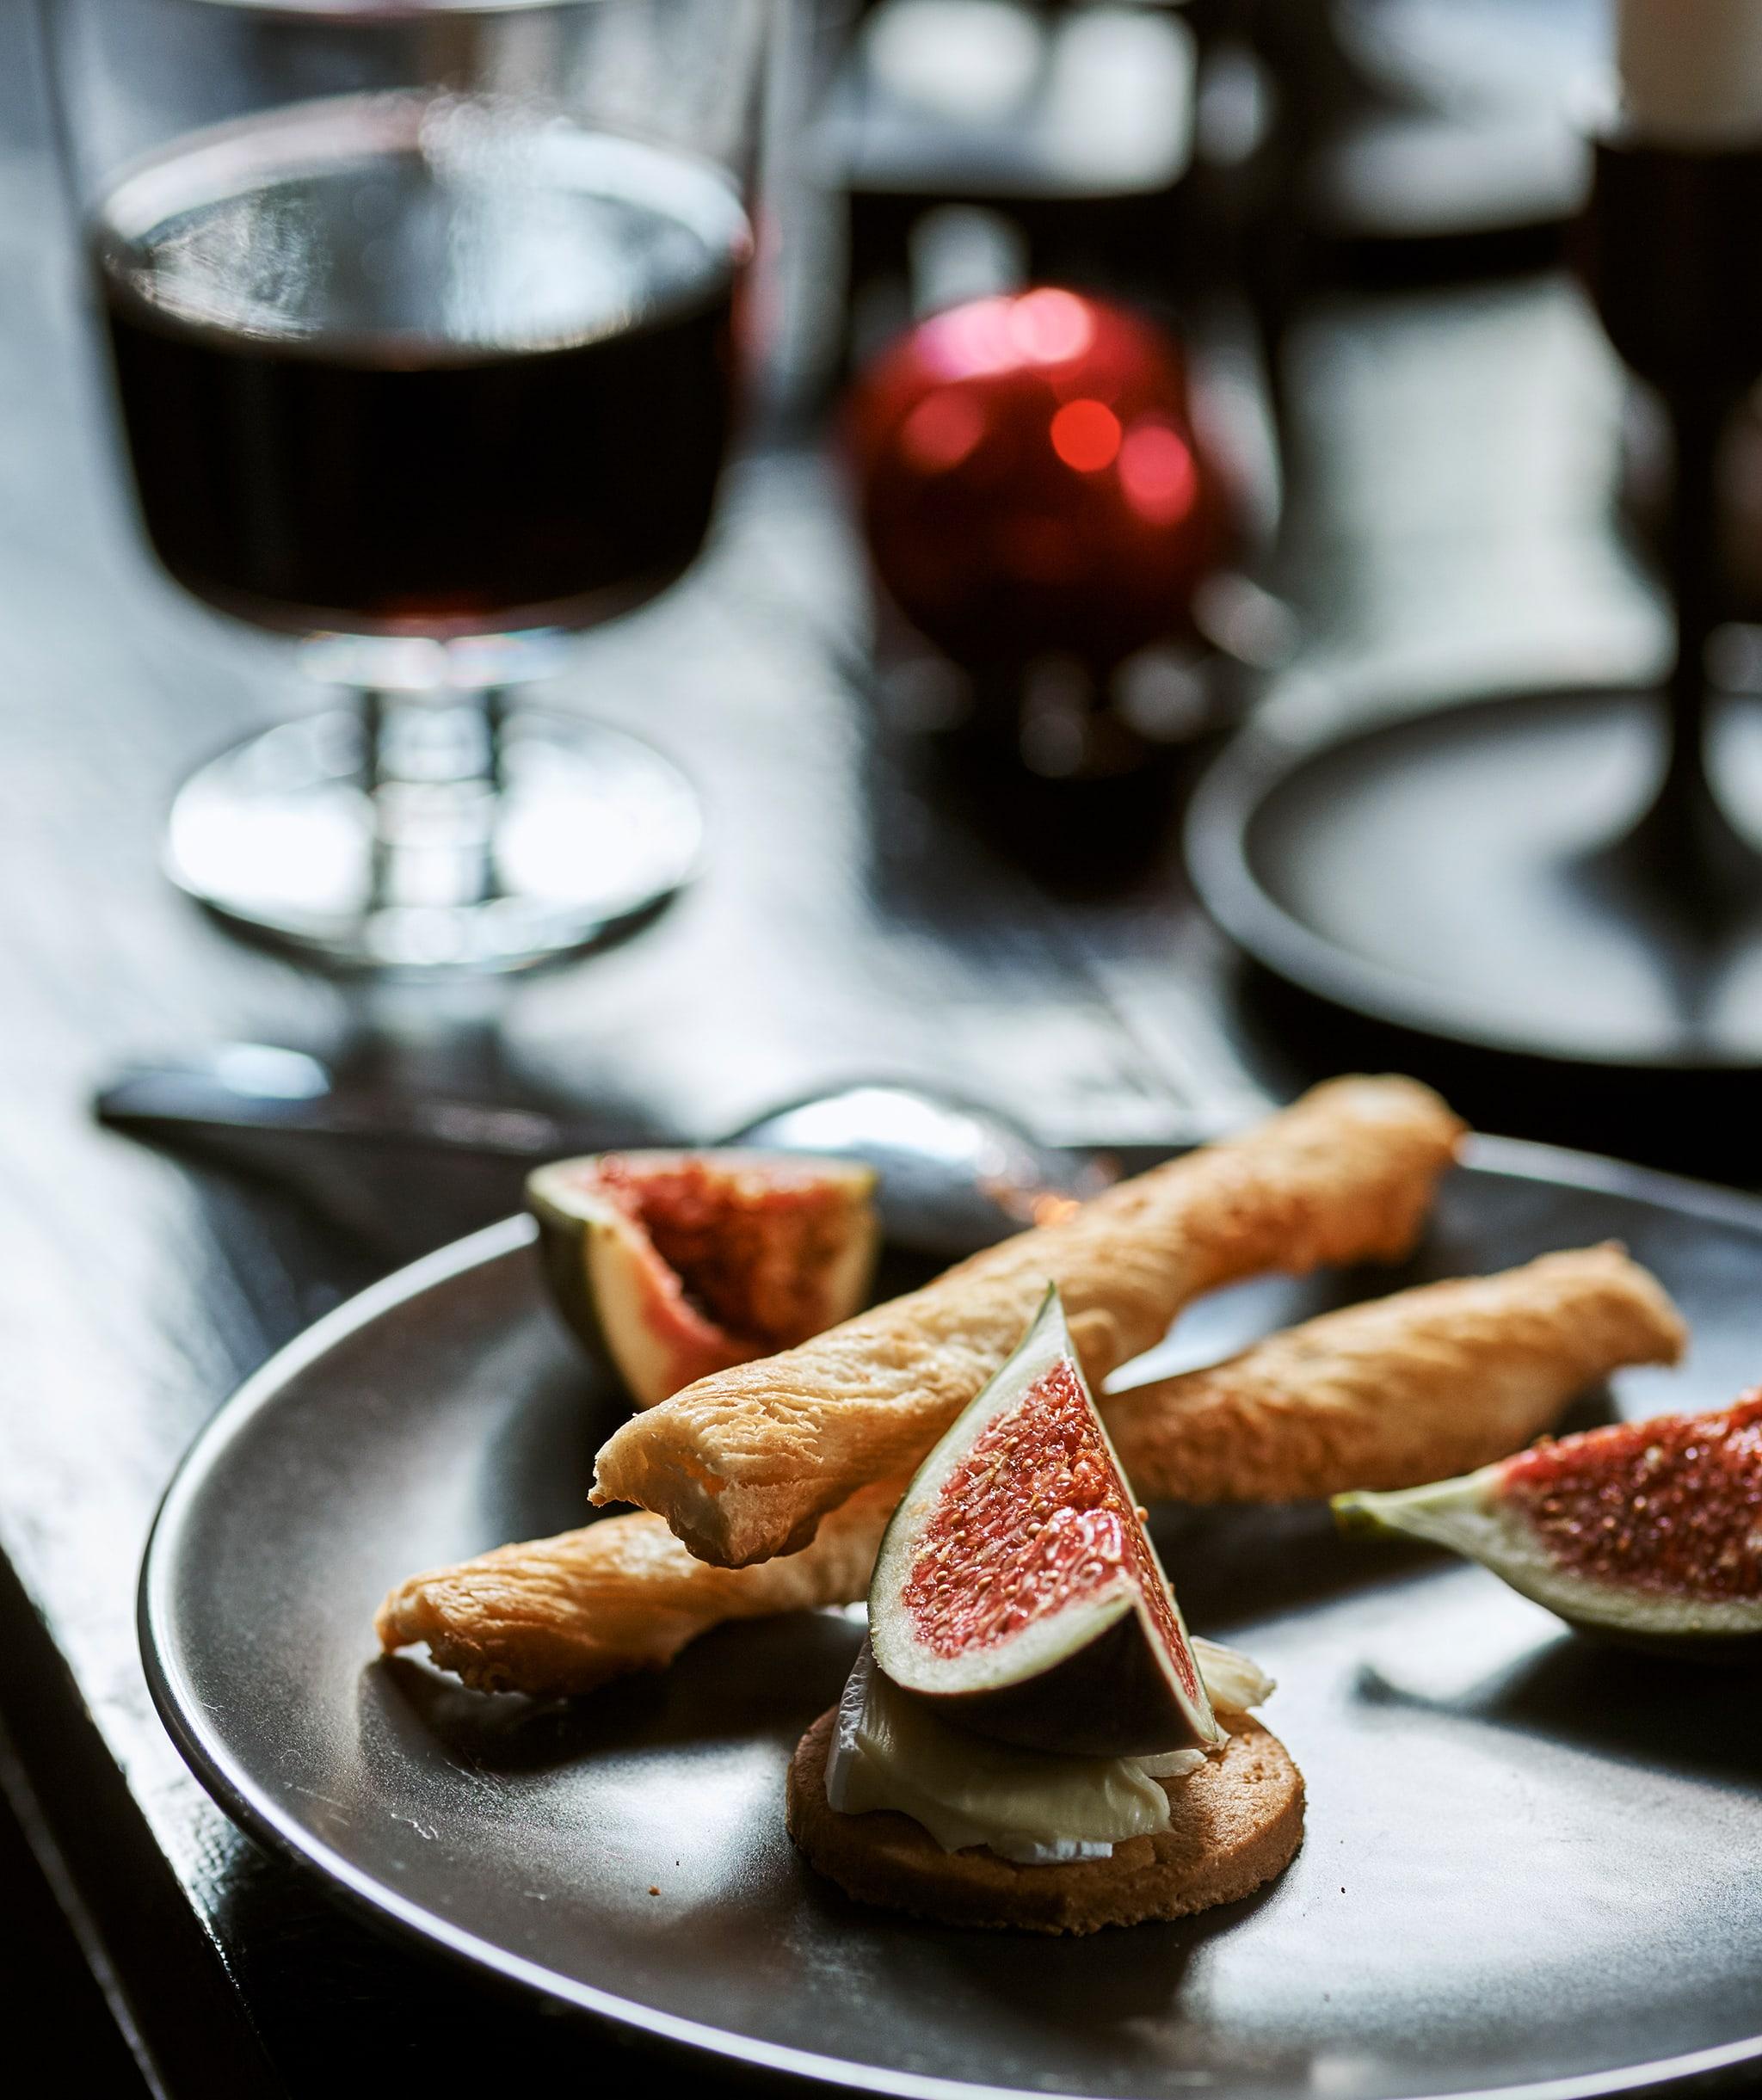 餐檯上有一碟派對食物,包括無花果、芝士、餅乾、麵包脆條,另外還有一杯酒和紅色聖誕掛飾。